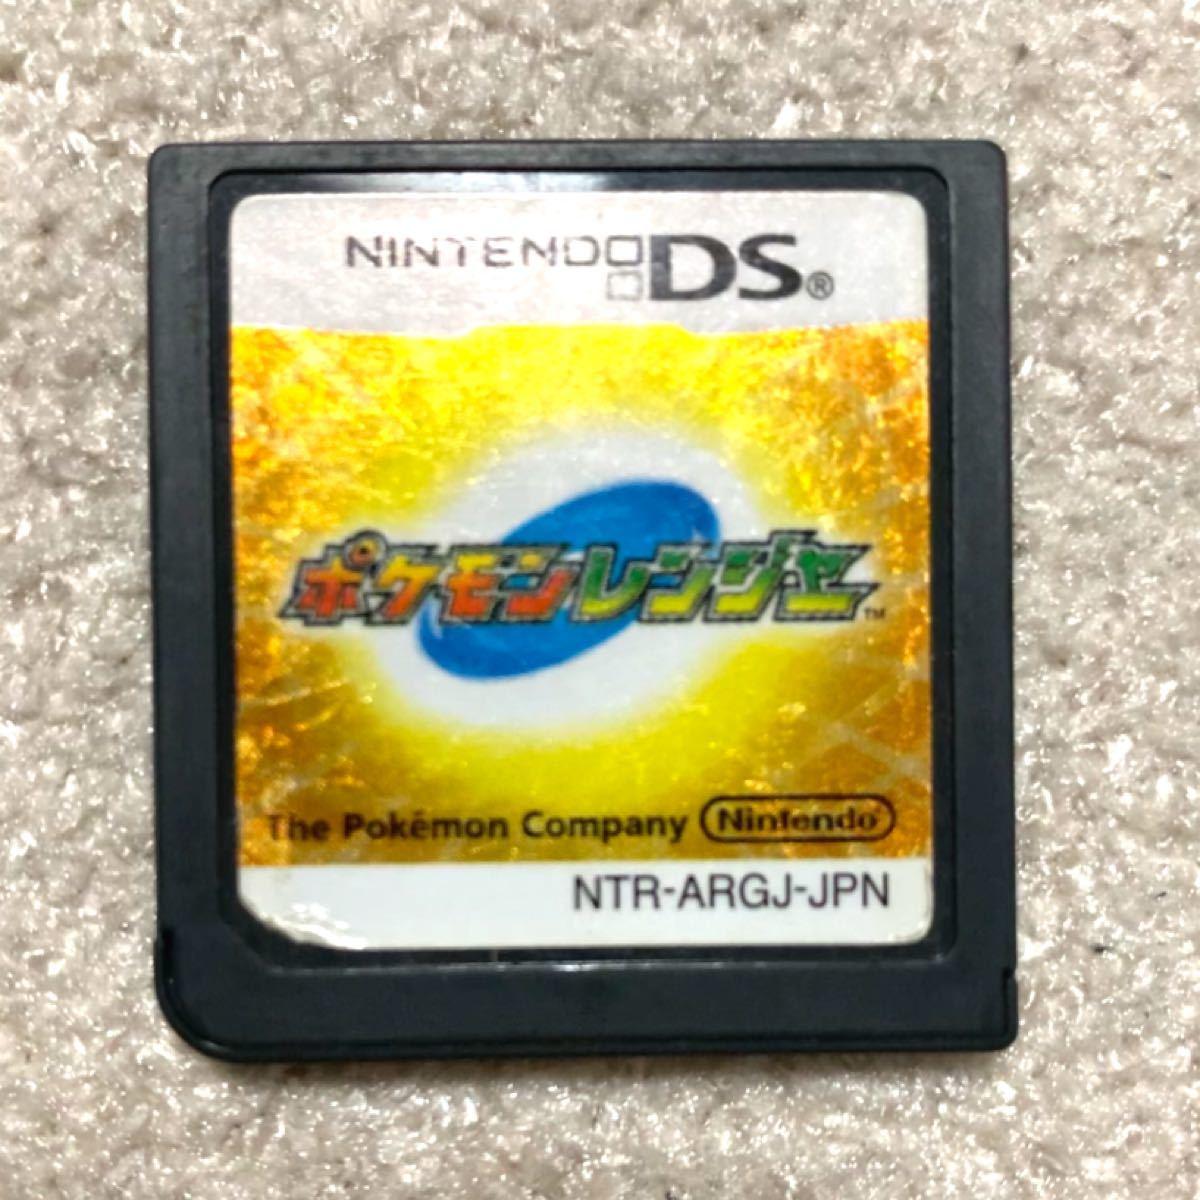 ポケモンレンジャー DSソフト 任天堂 ソフト NINTENDO DS